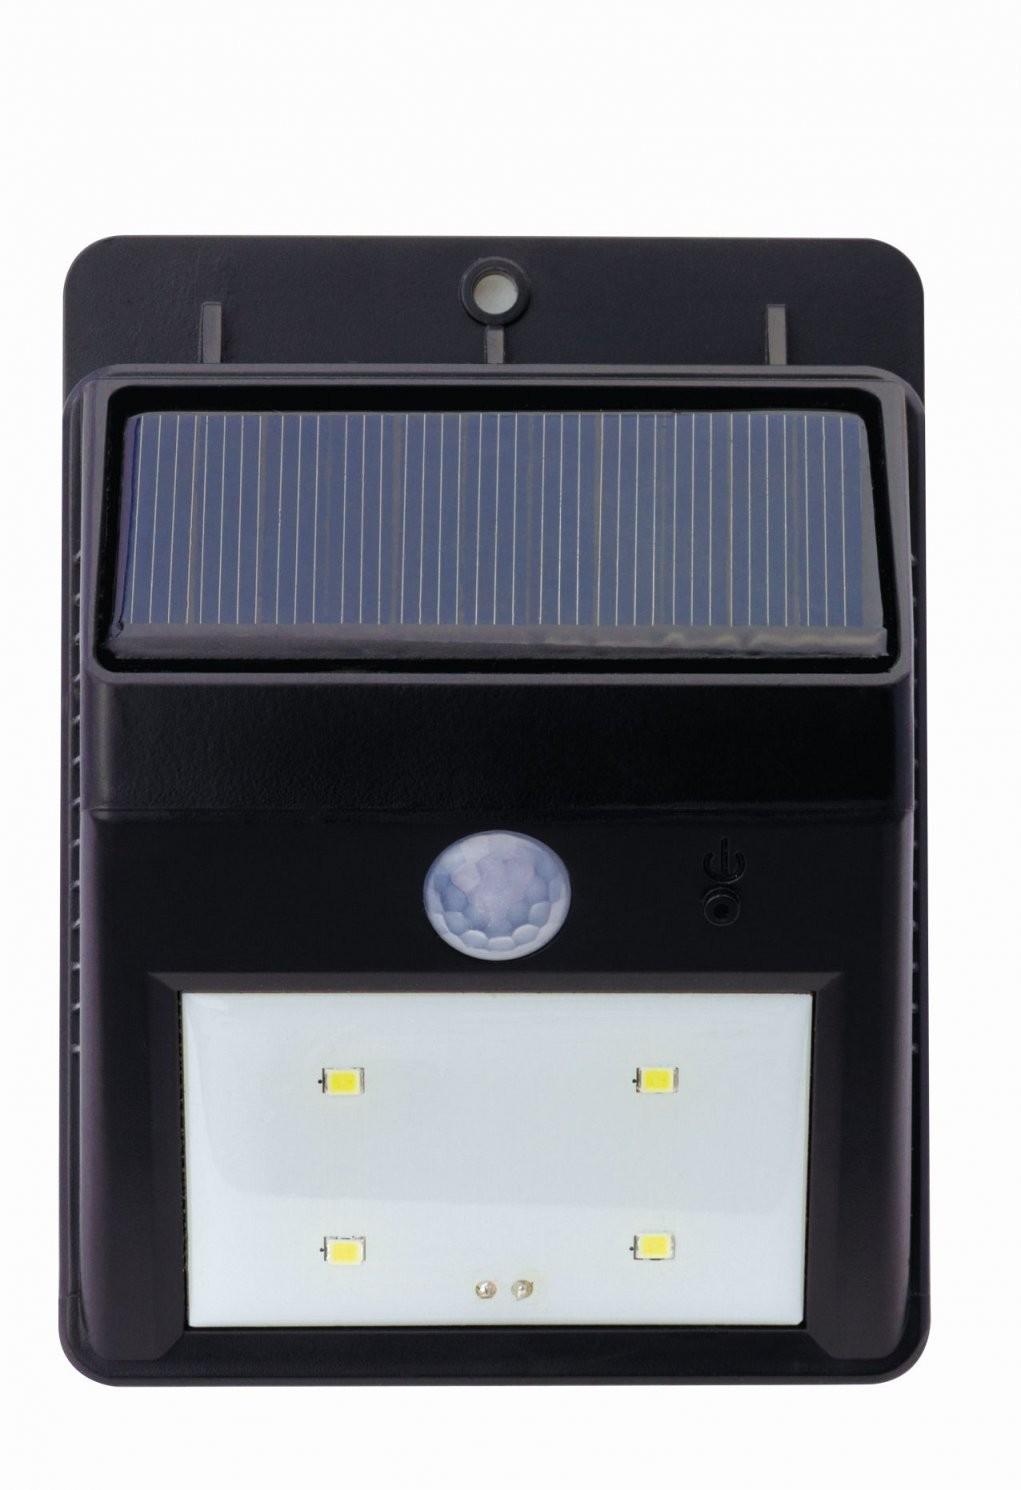 Solar Led Treppenlicht Mit Bewegungsmelder Online Kaufen von Led Treppenlicht Mit Bewegungsmelder Photo